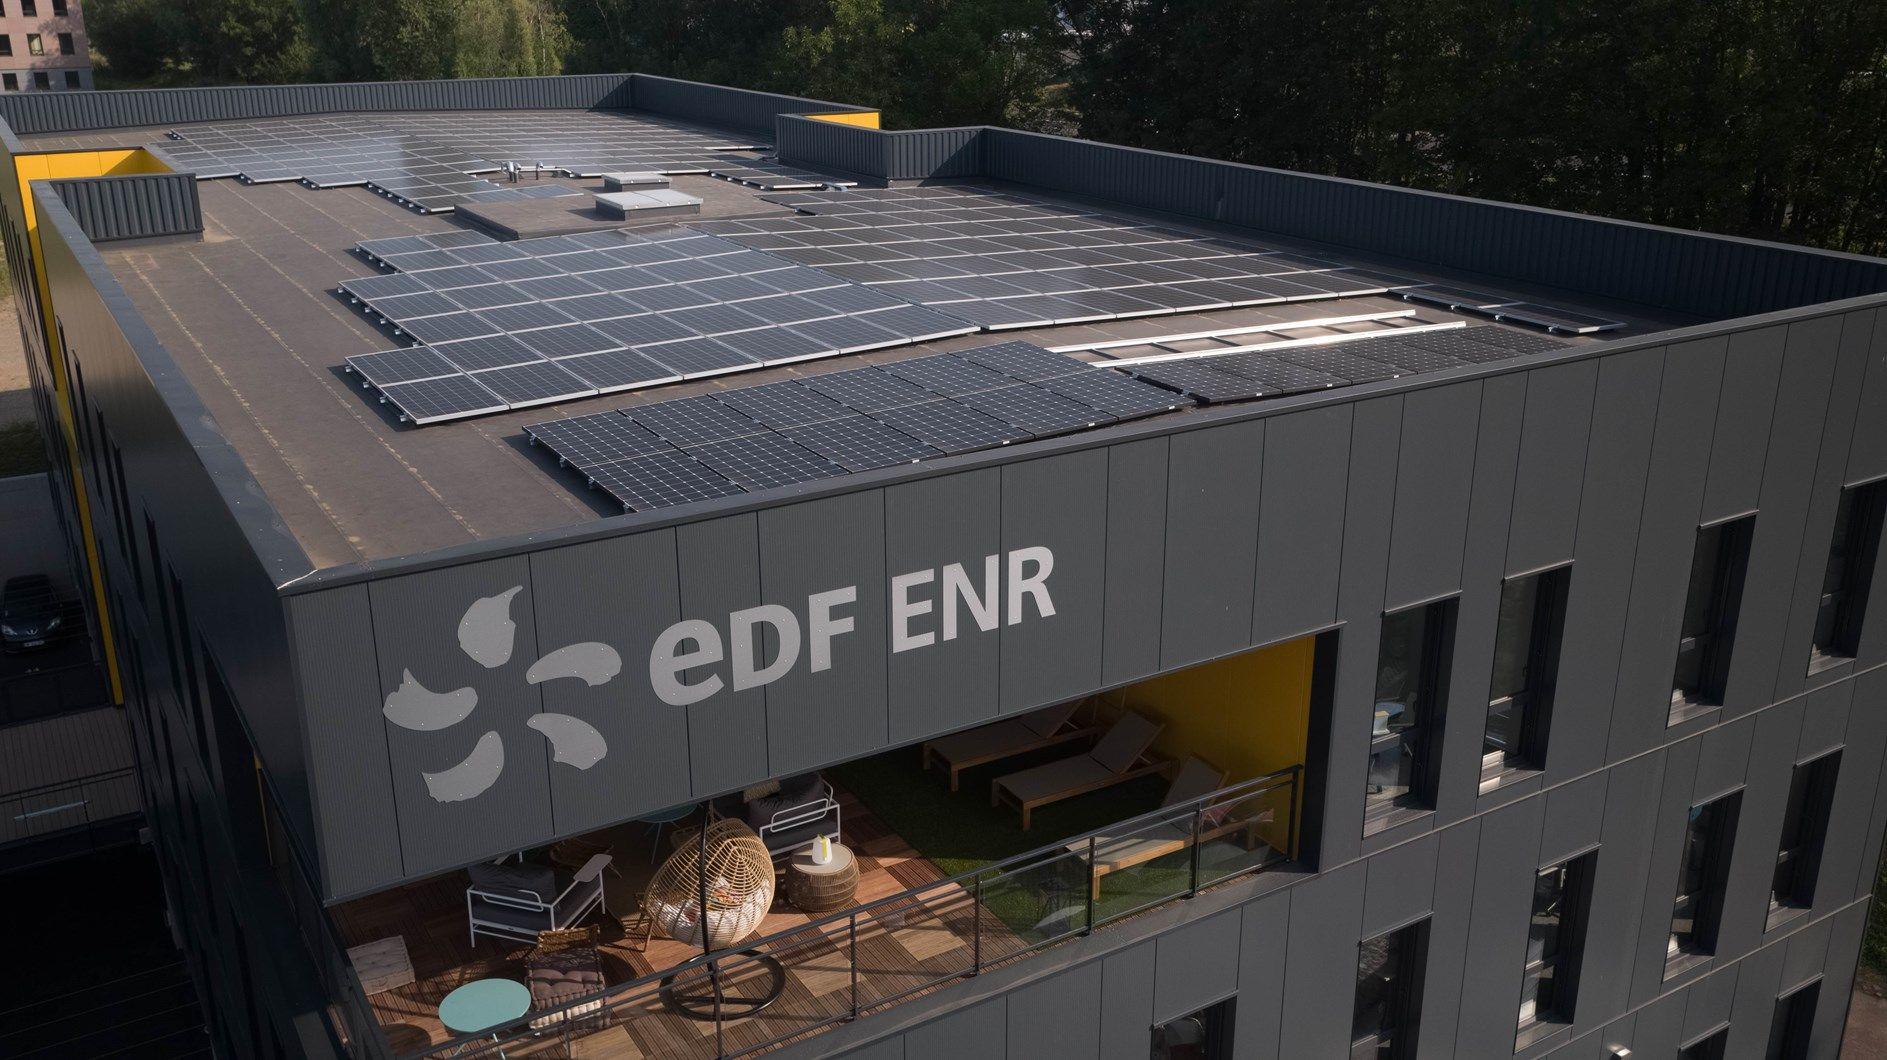 Efficienza energetica e minor impatto sull'ambiente: EDF ENR – Électricité de France sceglie Renolit Alkorsolar